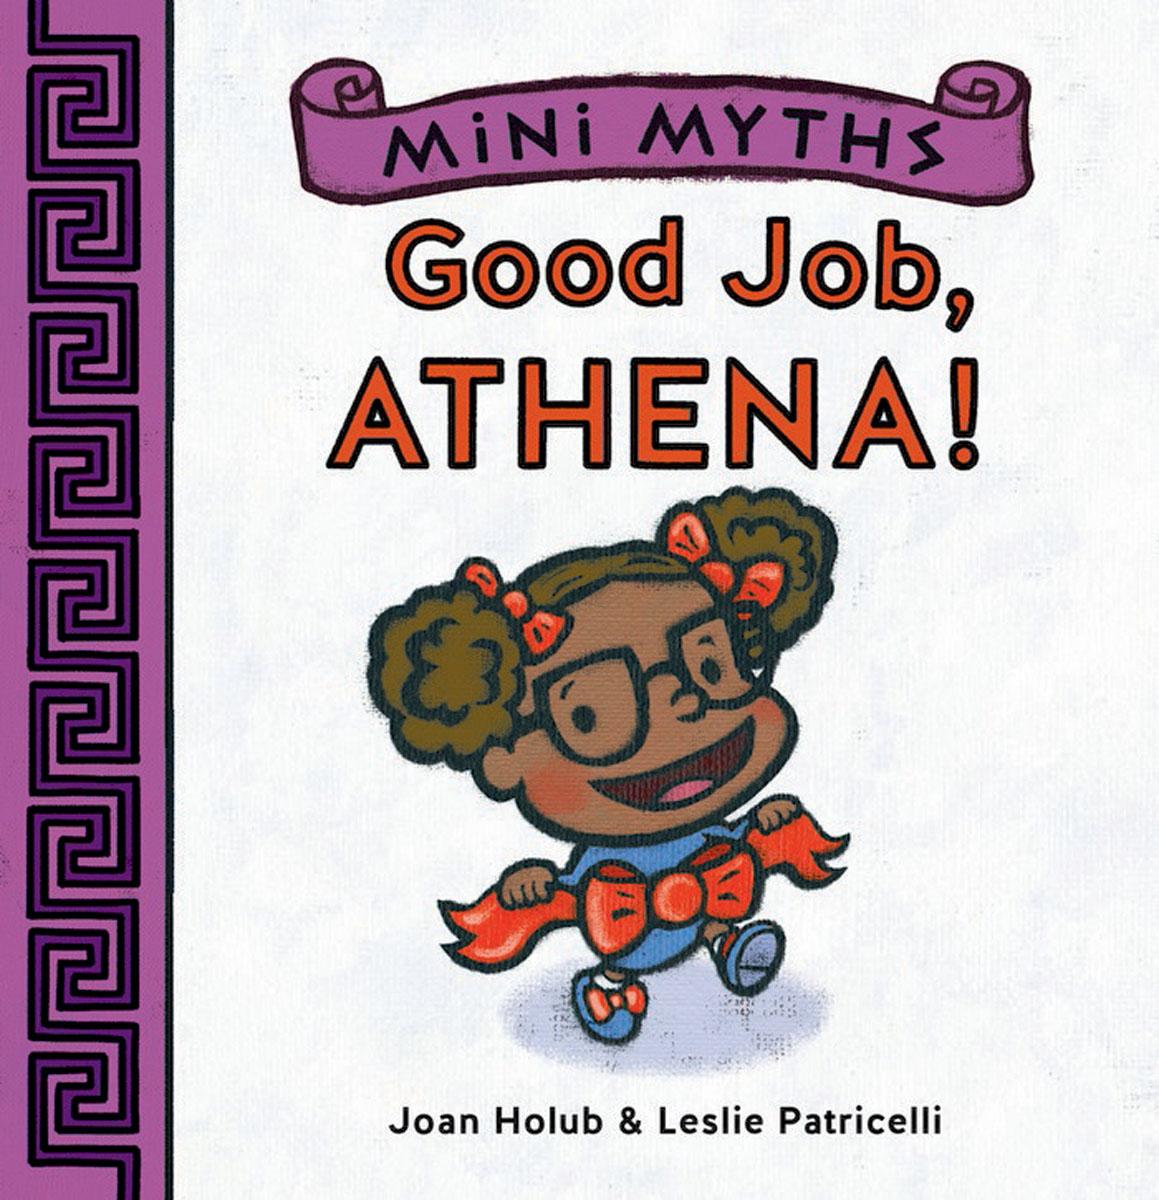 Mini Myths: Good Job, Athena! good hard